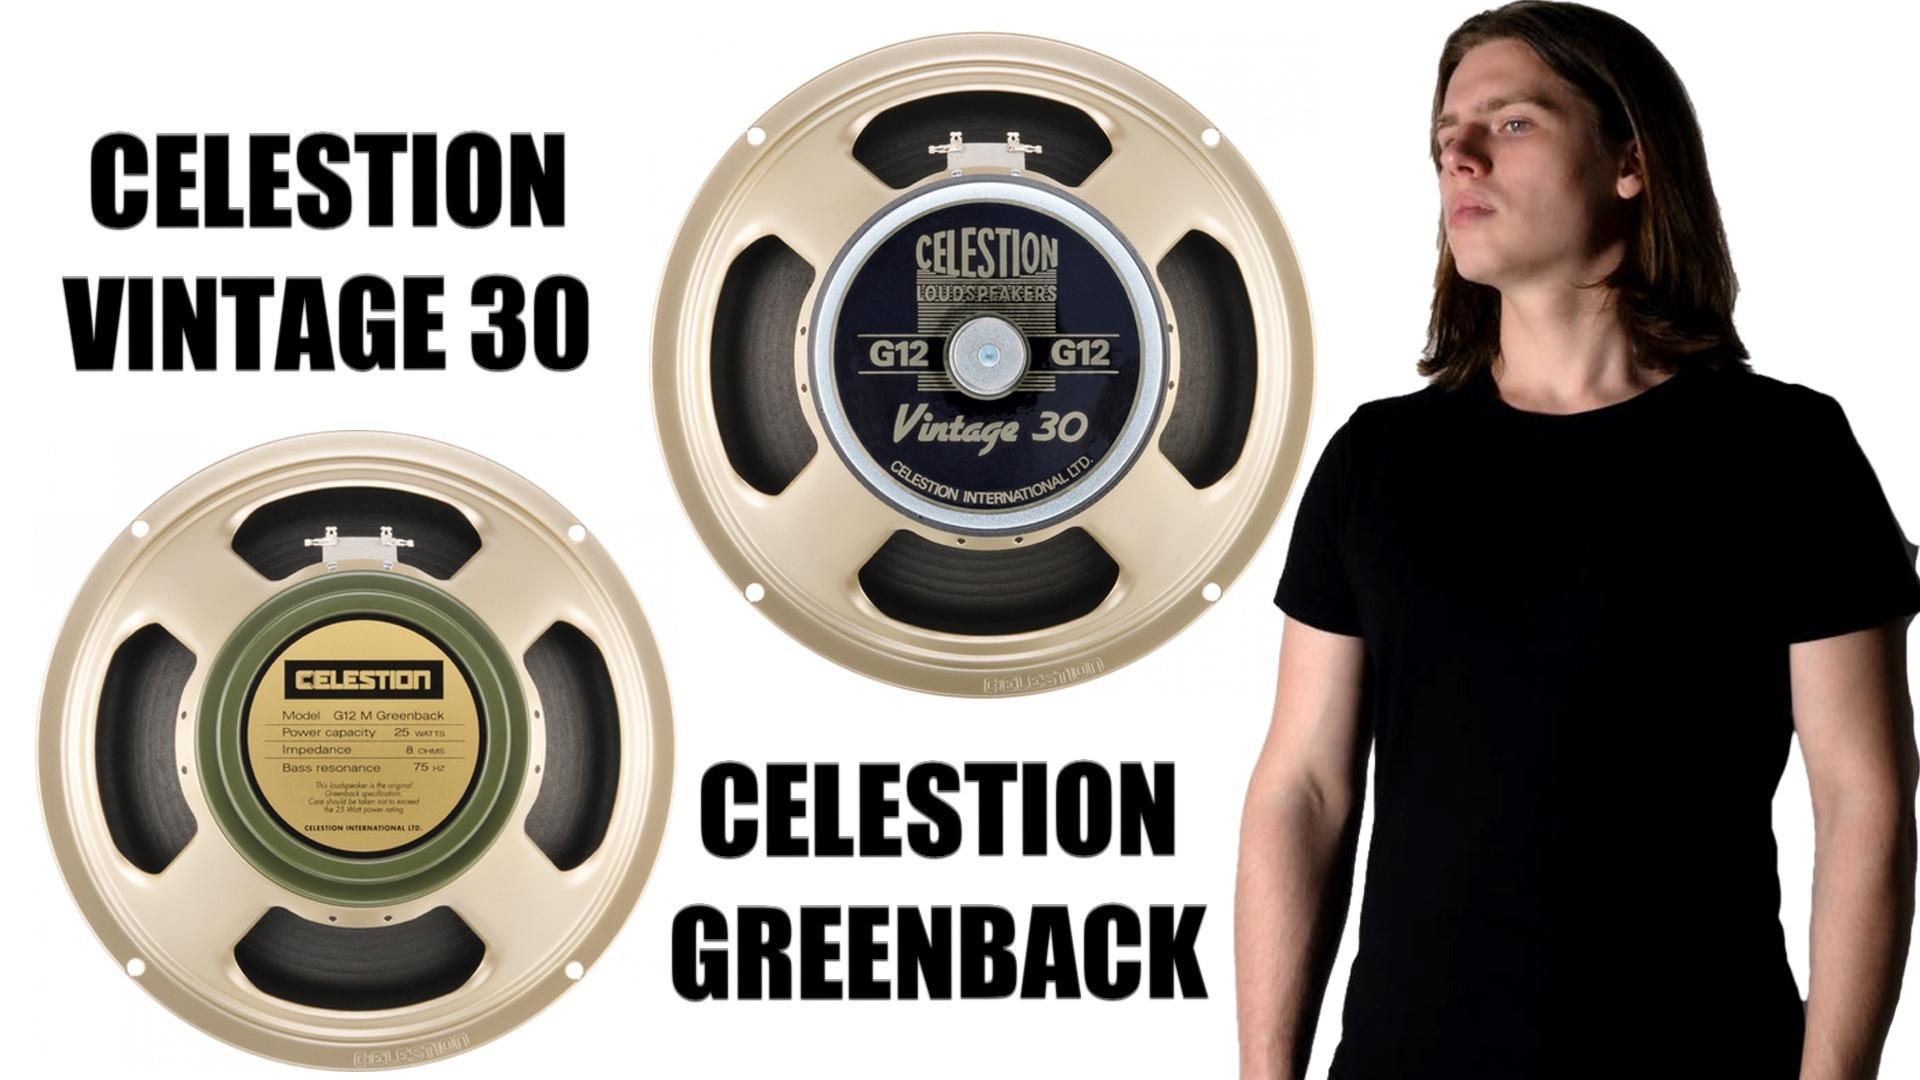 Celestion Greenback or Celestion Vintage 30?